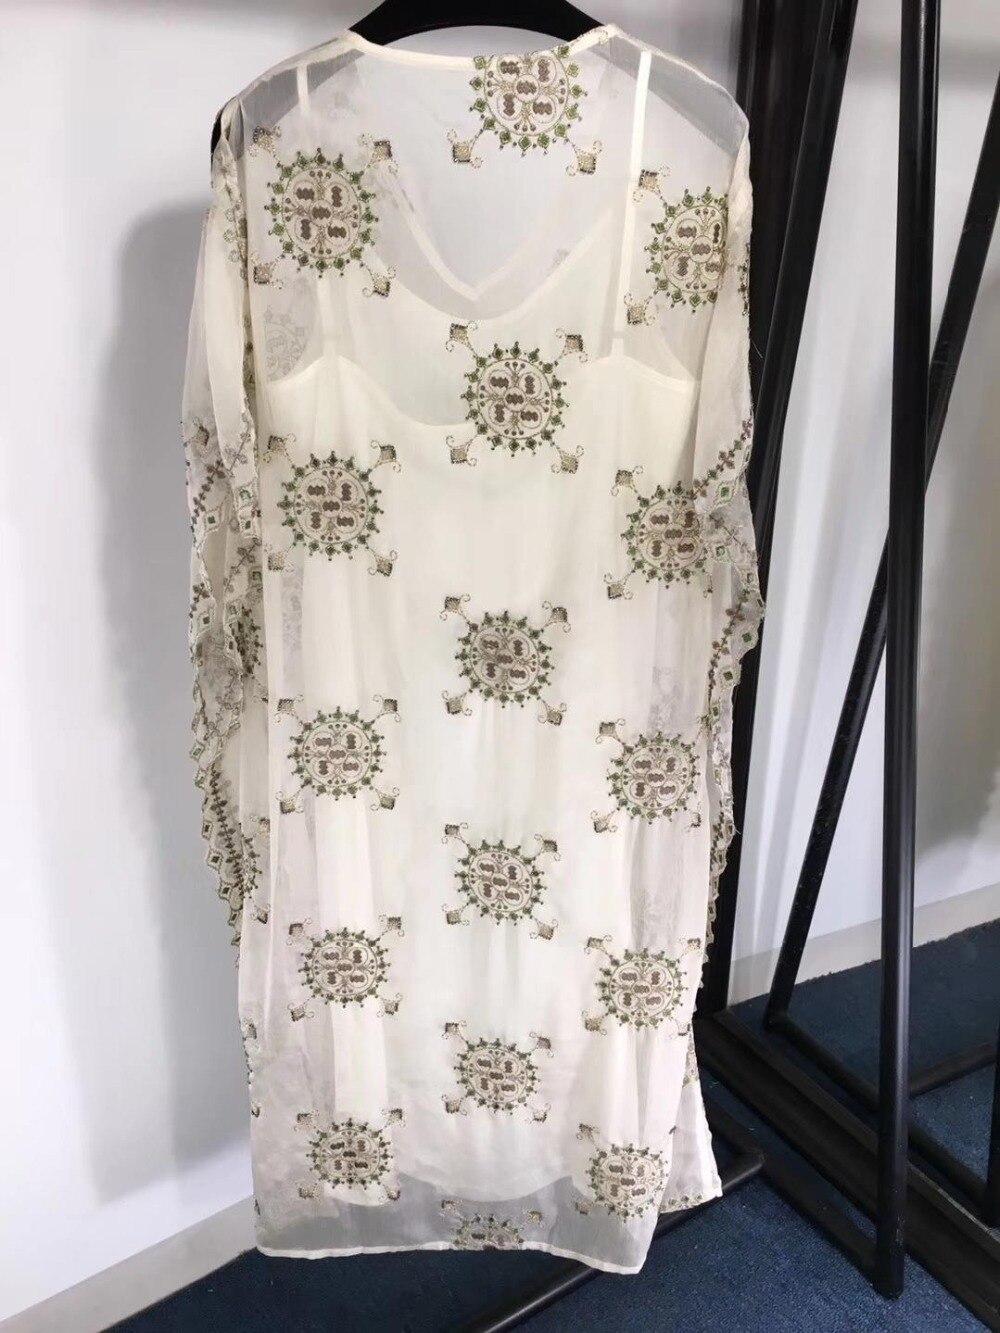 2019 Dames Nouveau Robe Blanc 0328 Mode De Imprimer VMpSUz